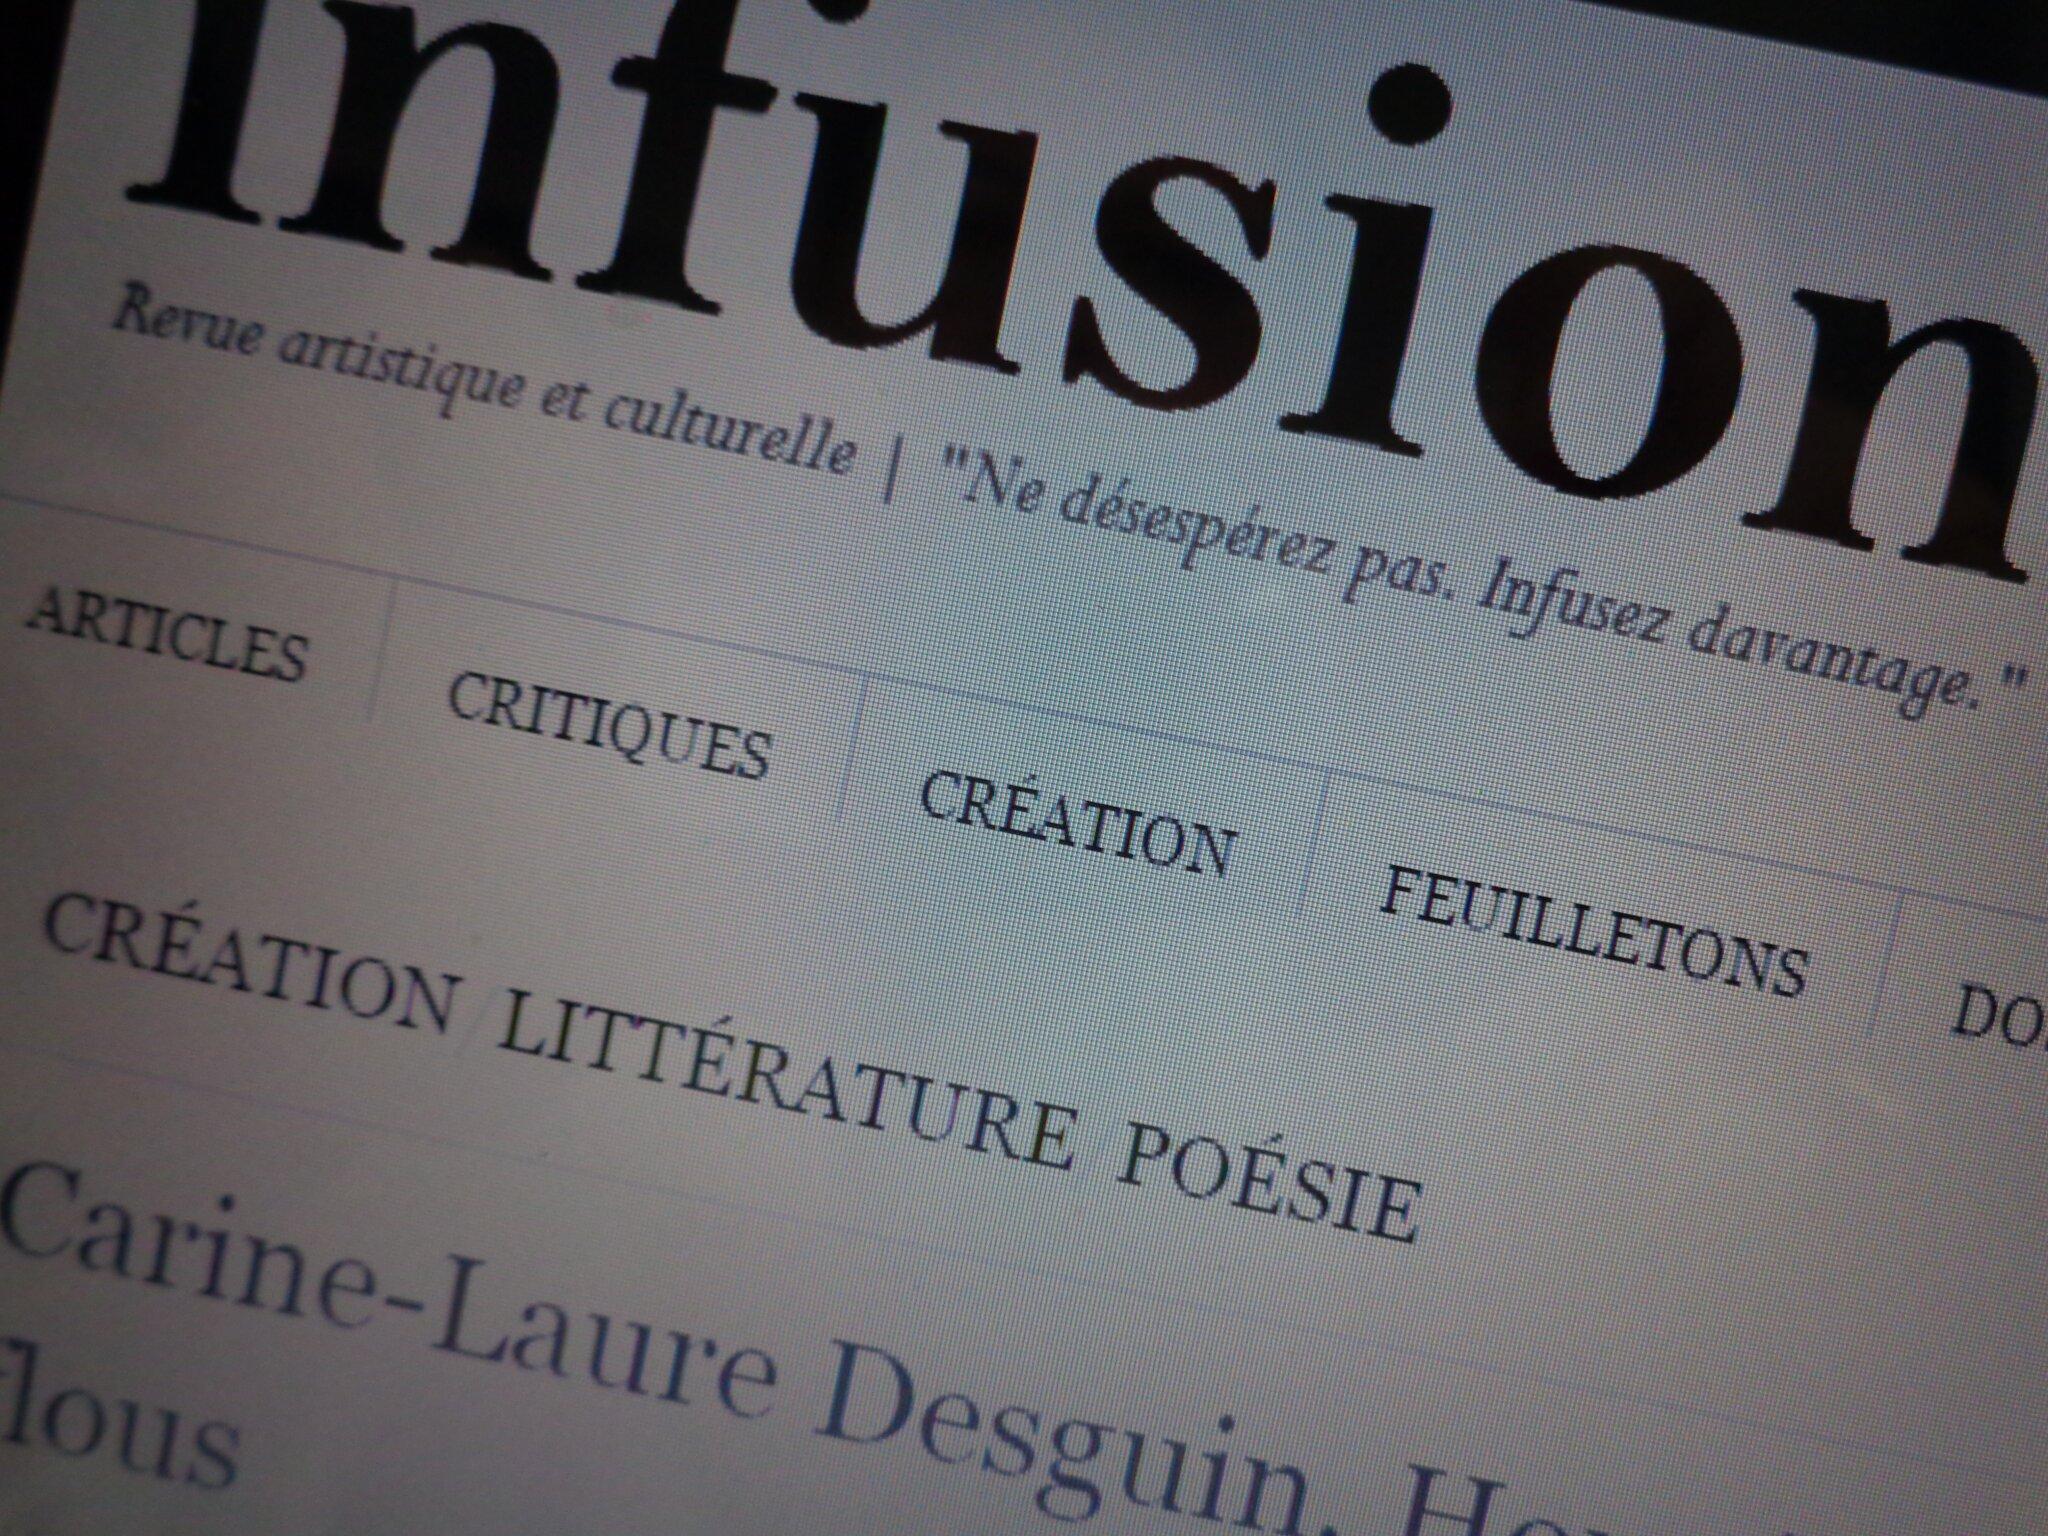 Dans Infusion revue, Hormis l'ombre et le flou, un texte de C.-L. Desguin